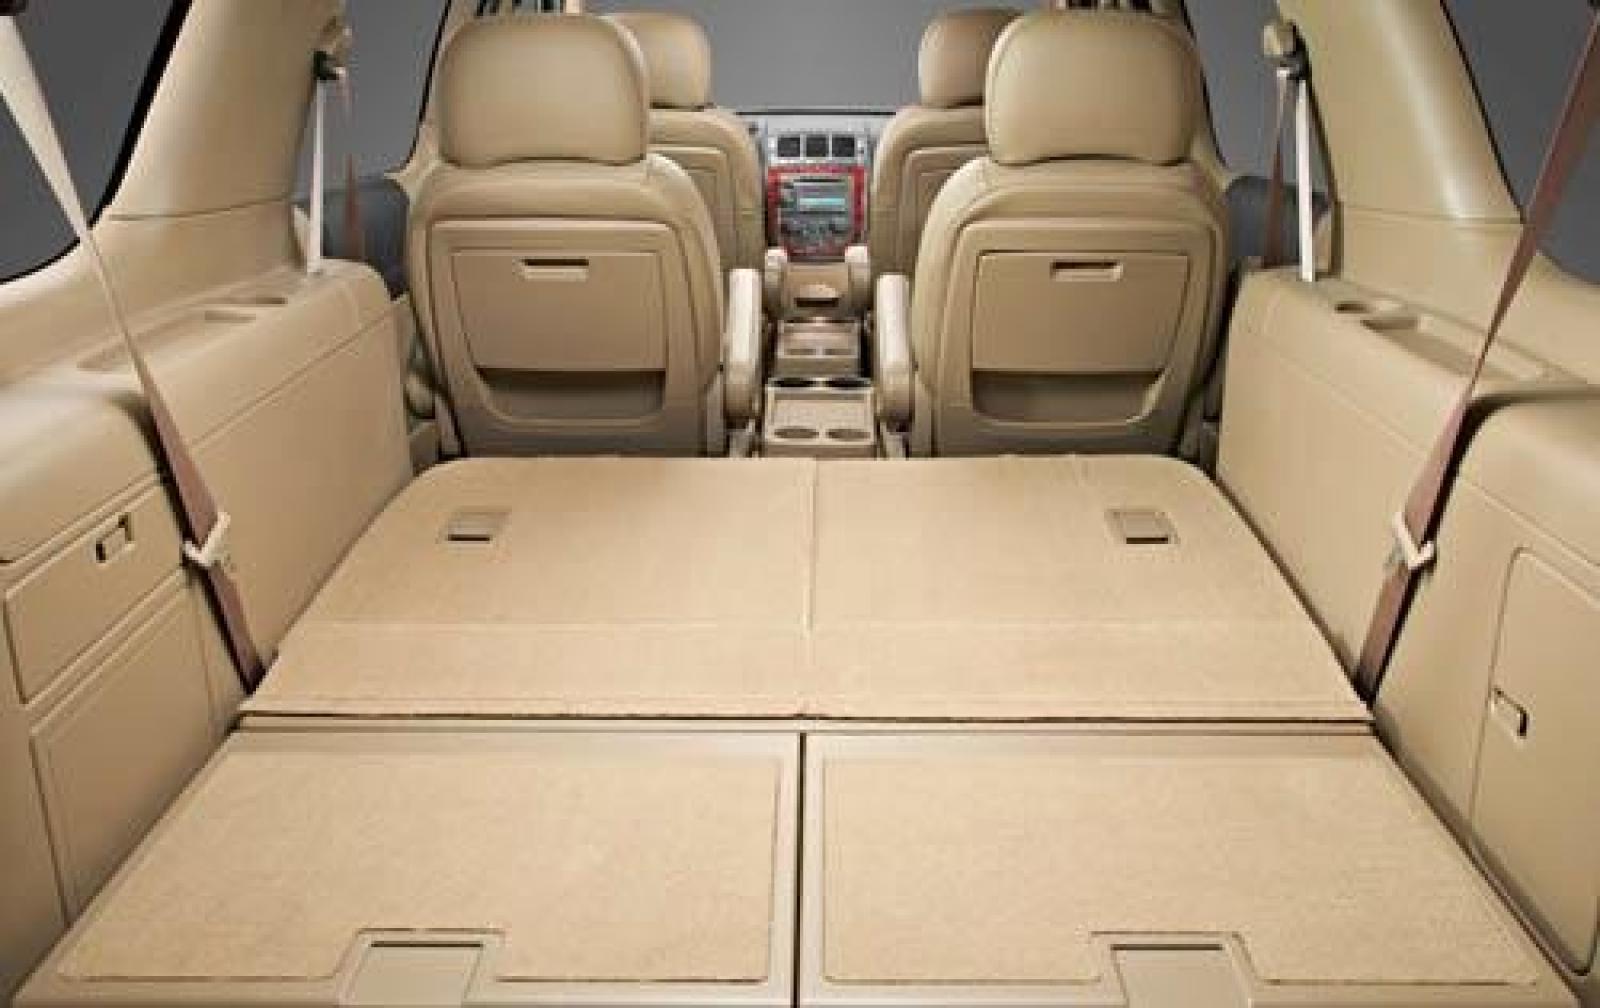 800 1024 1280 1600 Origin 2008 Chevrolet Uplander